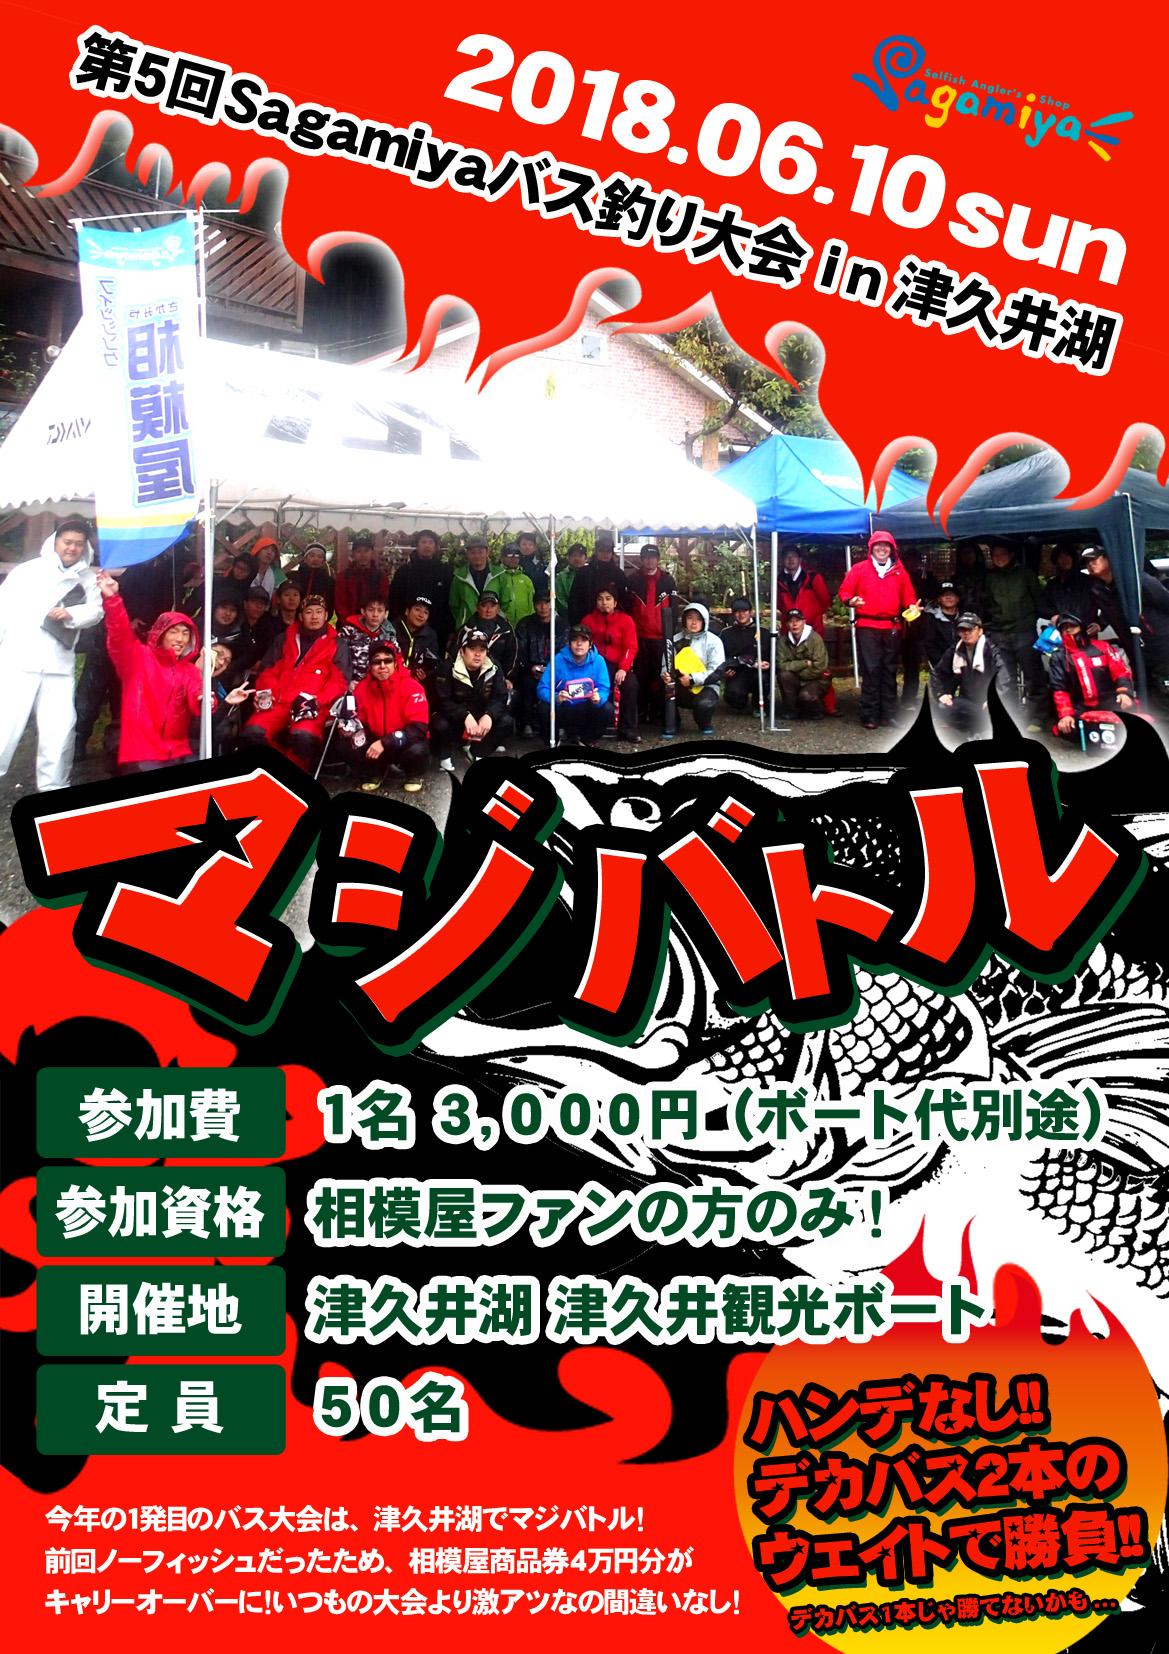 2018年6月10日(日)第5回Sagamiyaバス釣り大会マジバトル!